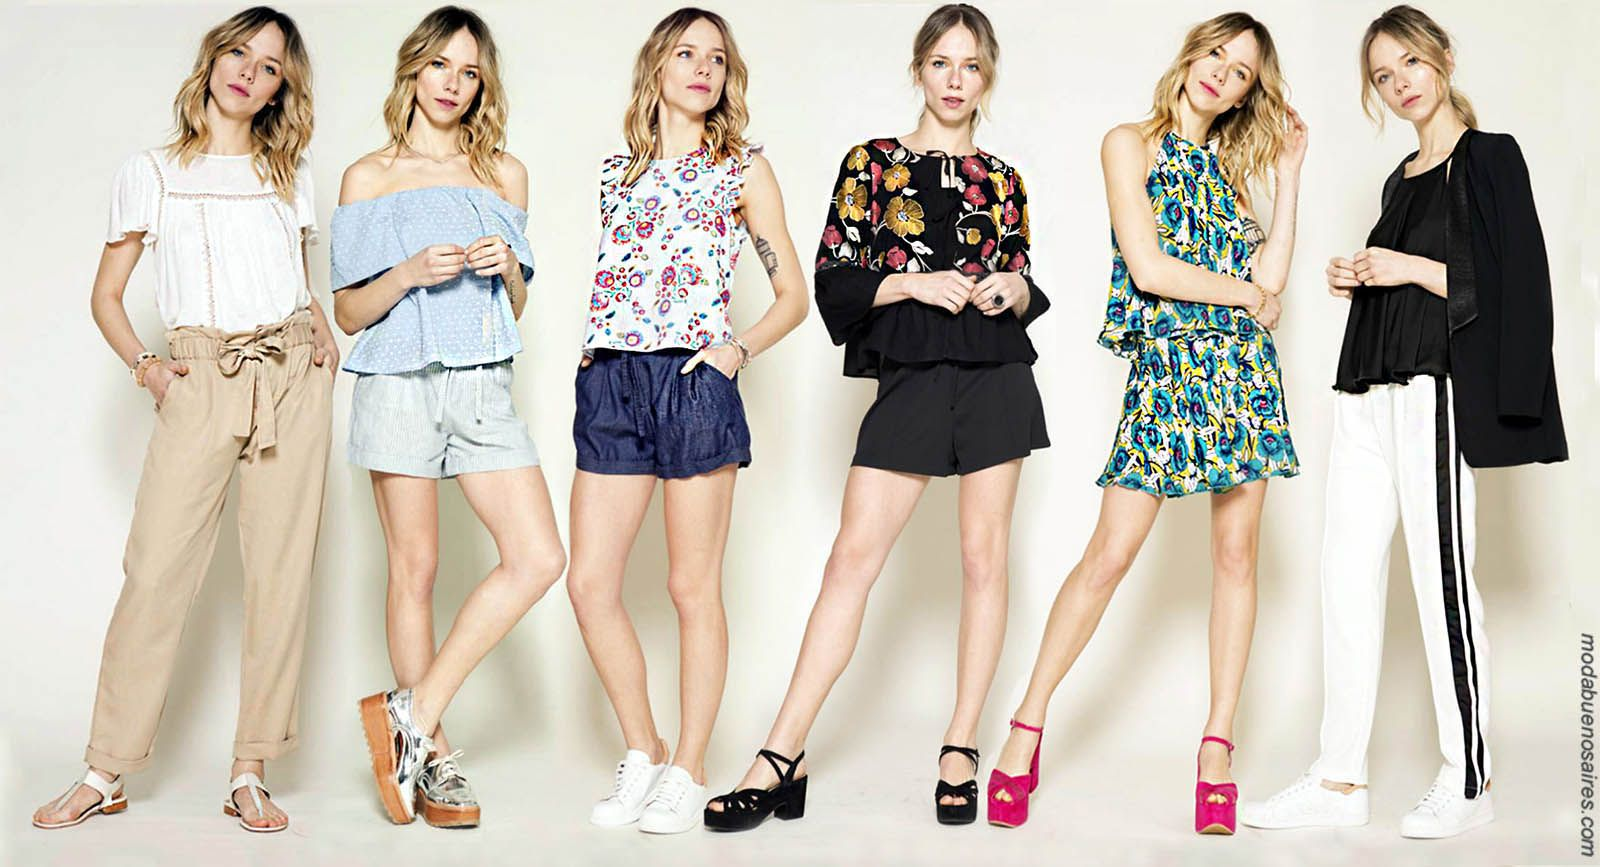 0b851773ea80 Moda primavera verano 2018 | Moda verano 2018 | Moda 2018 ropa para mujer  casual urbana, vestidos, monos, blusas y pantalones primavera verano 2018.